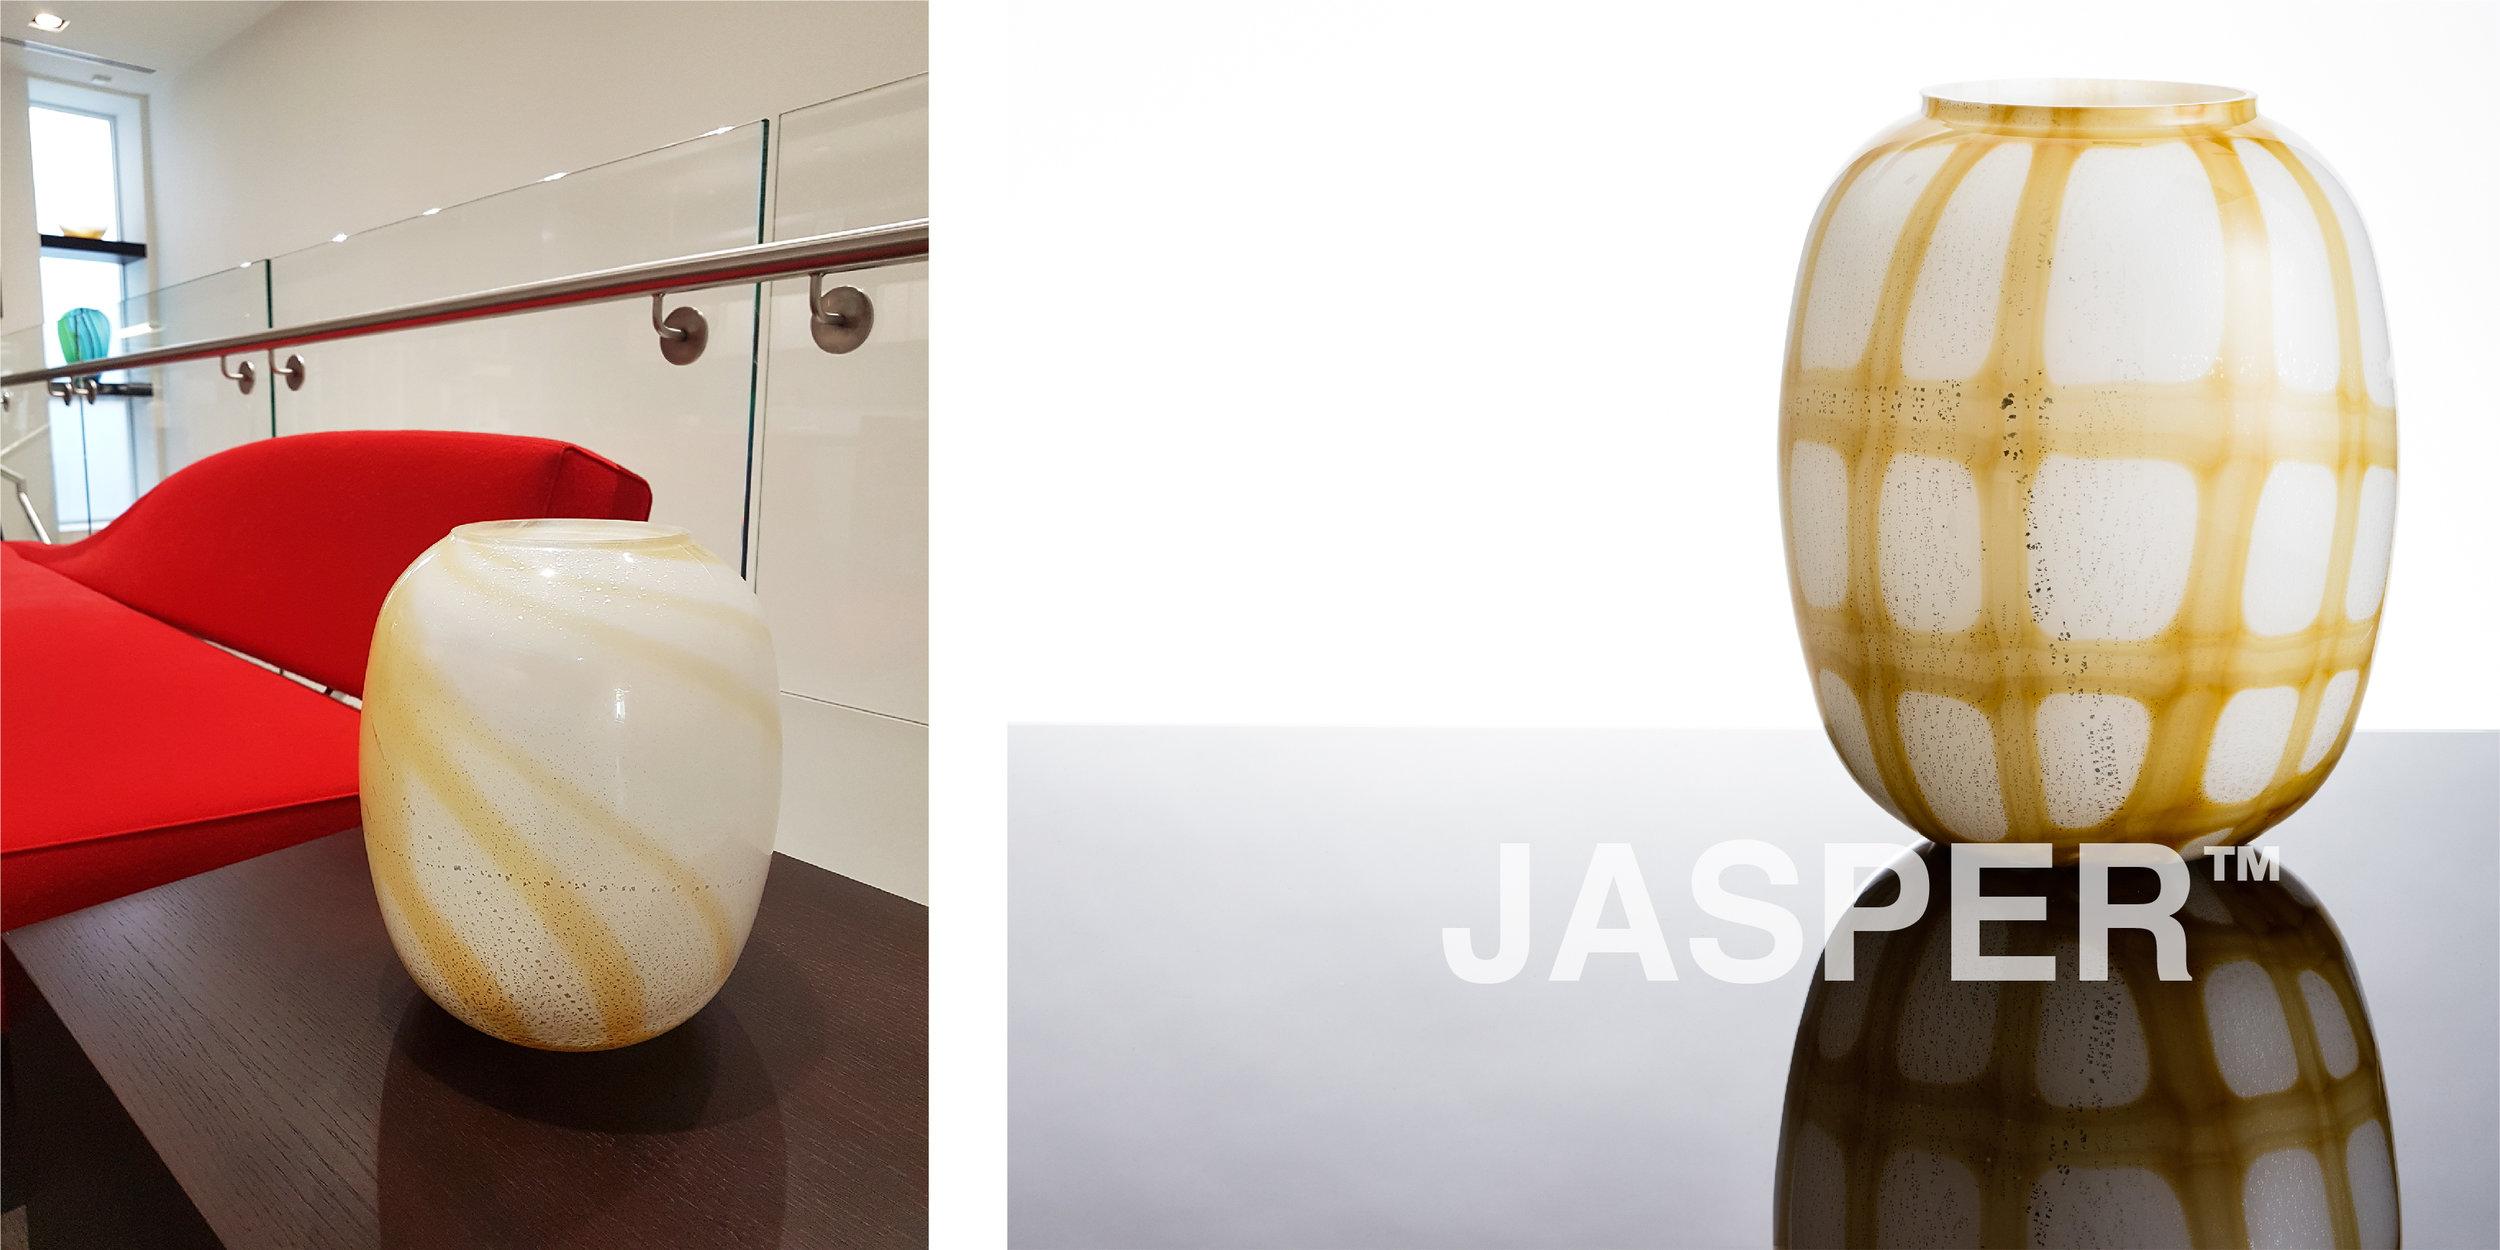 Jasper vase.jpg